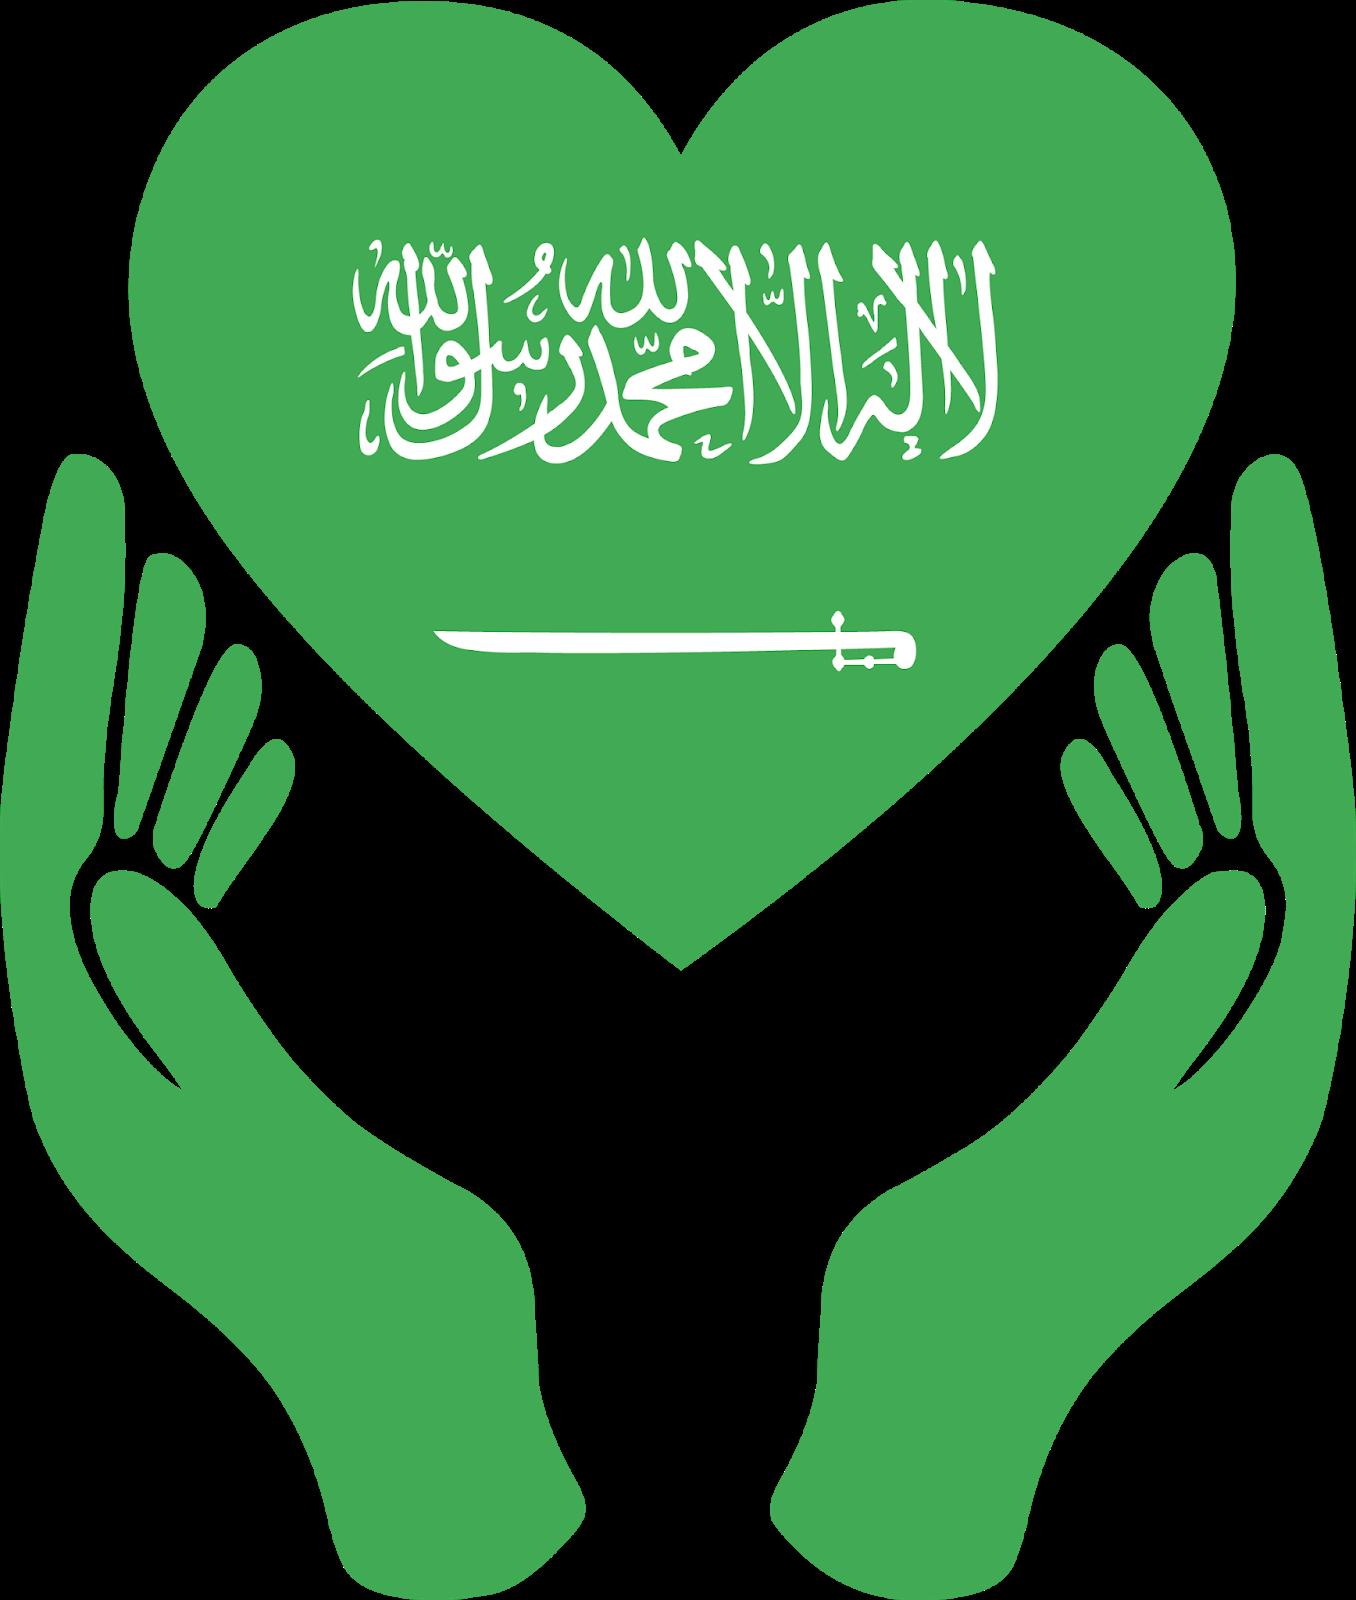 بالصور صور علم السعوديه , احدث صور لعلم دولة السعودية 3268 1